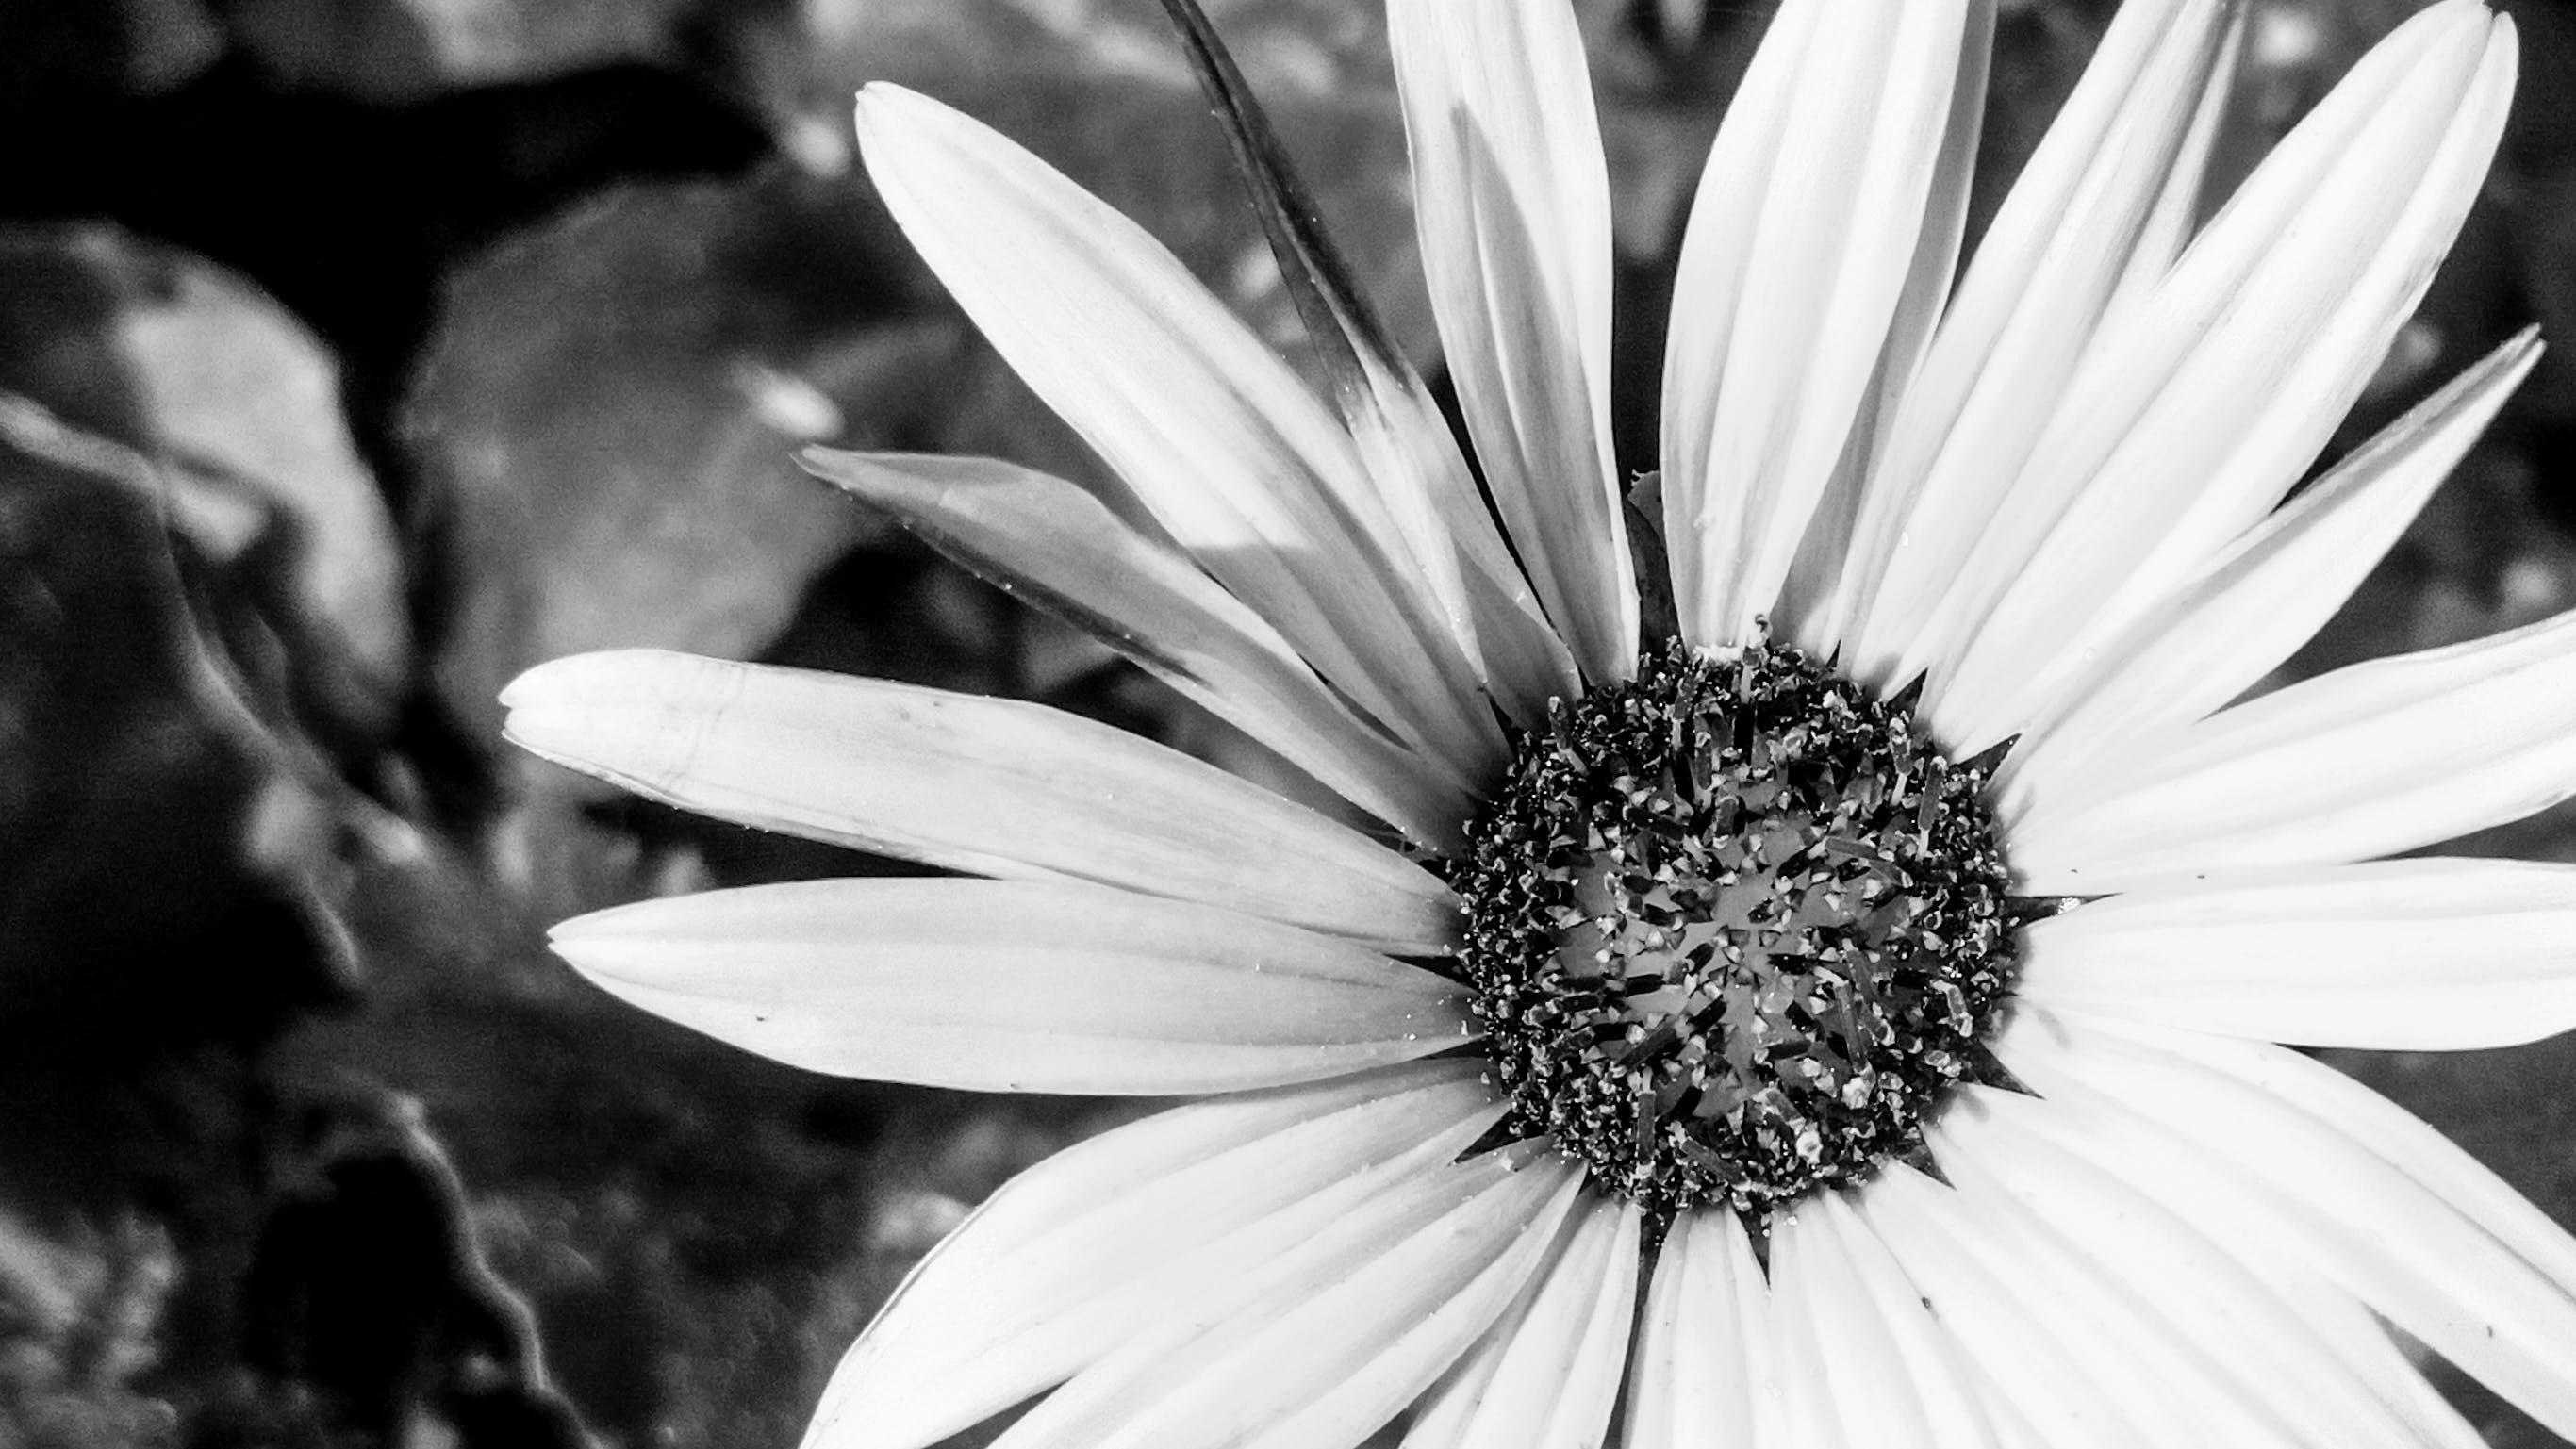 Fotos de stock gratuitas de blanco y negro, bnw, flor, flor silvestre